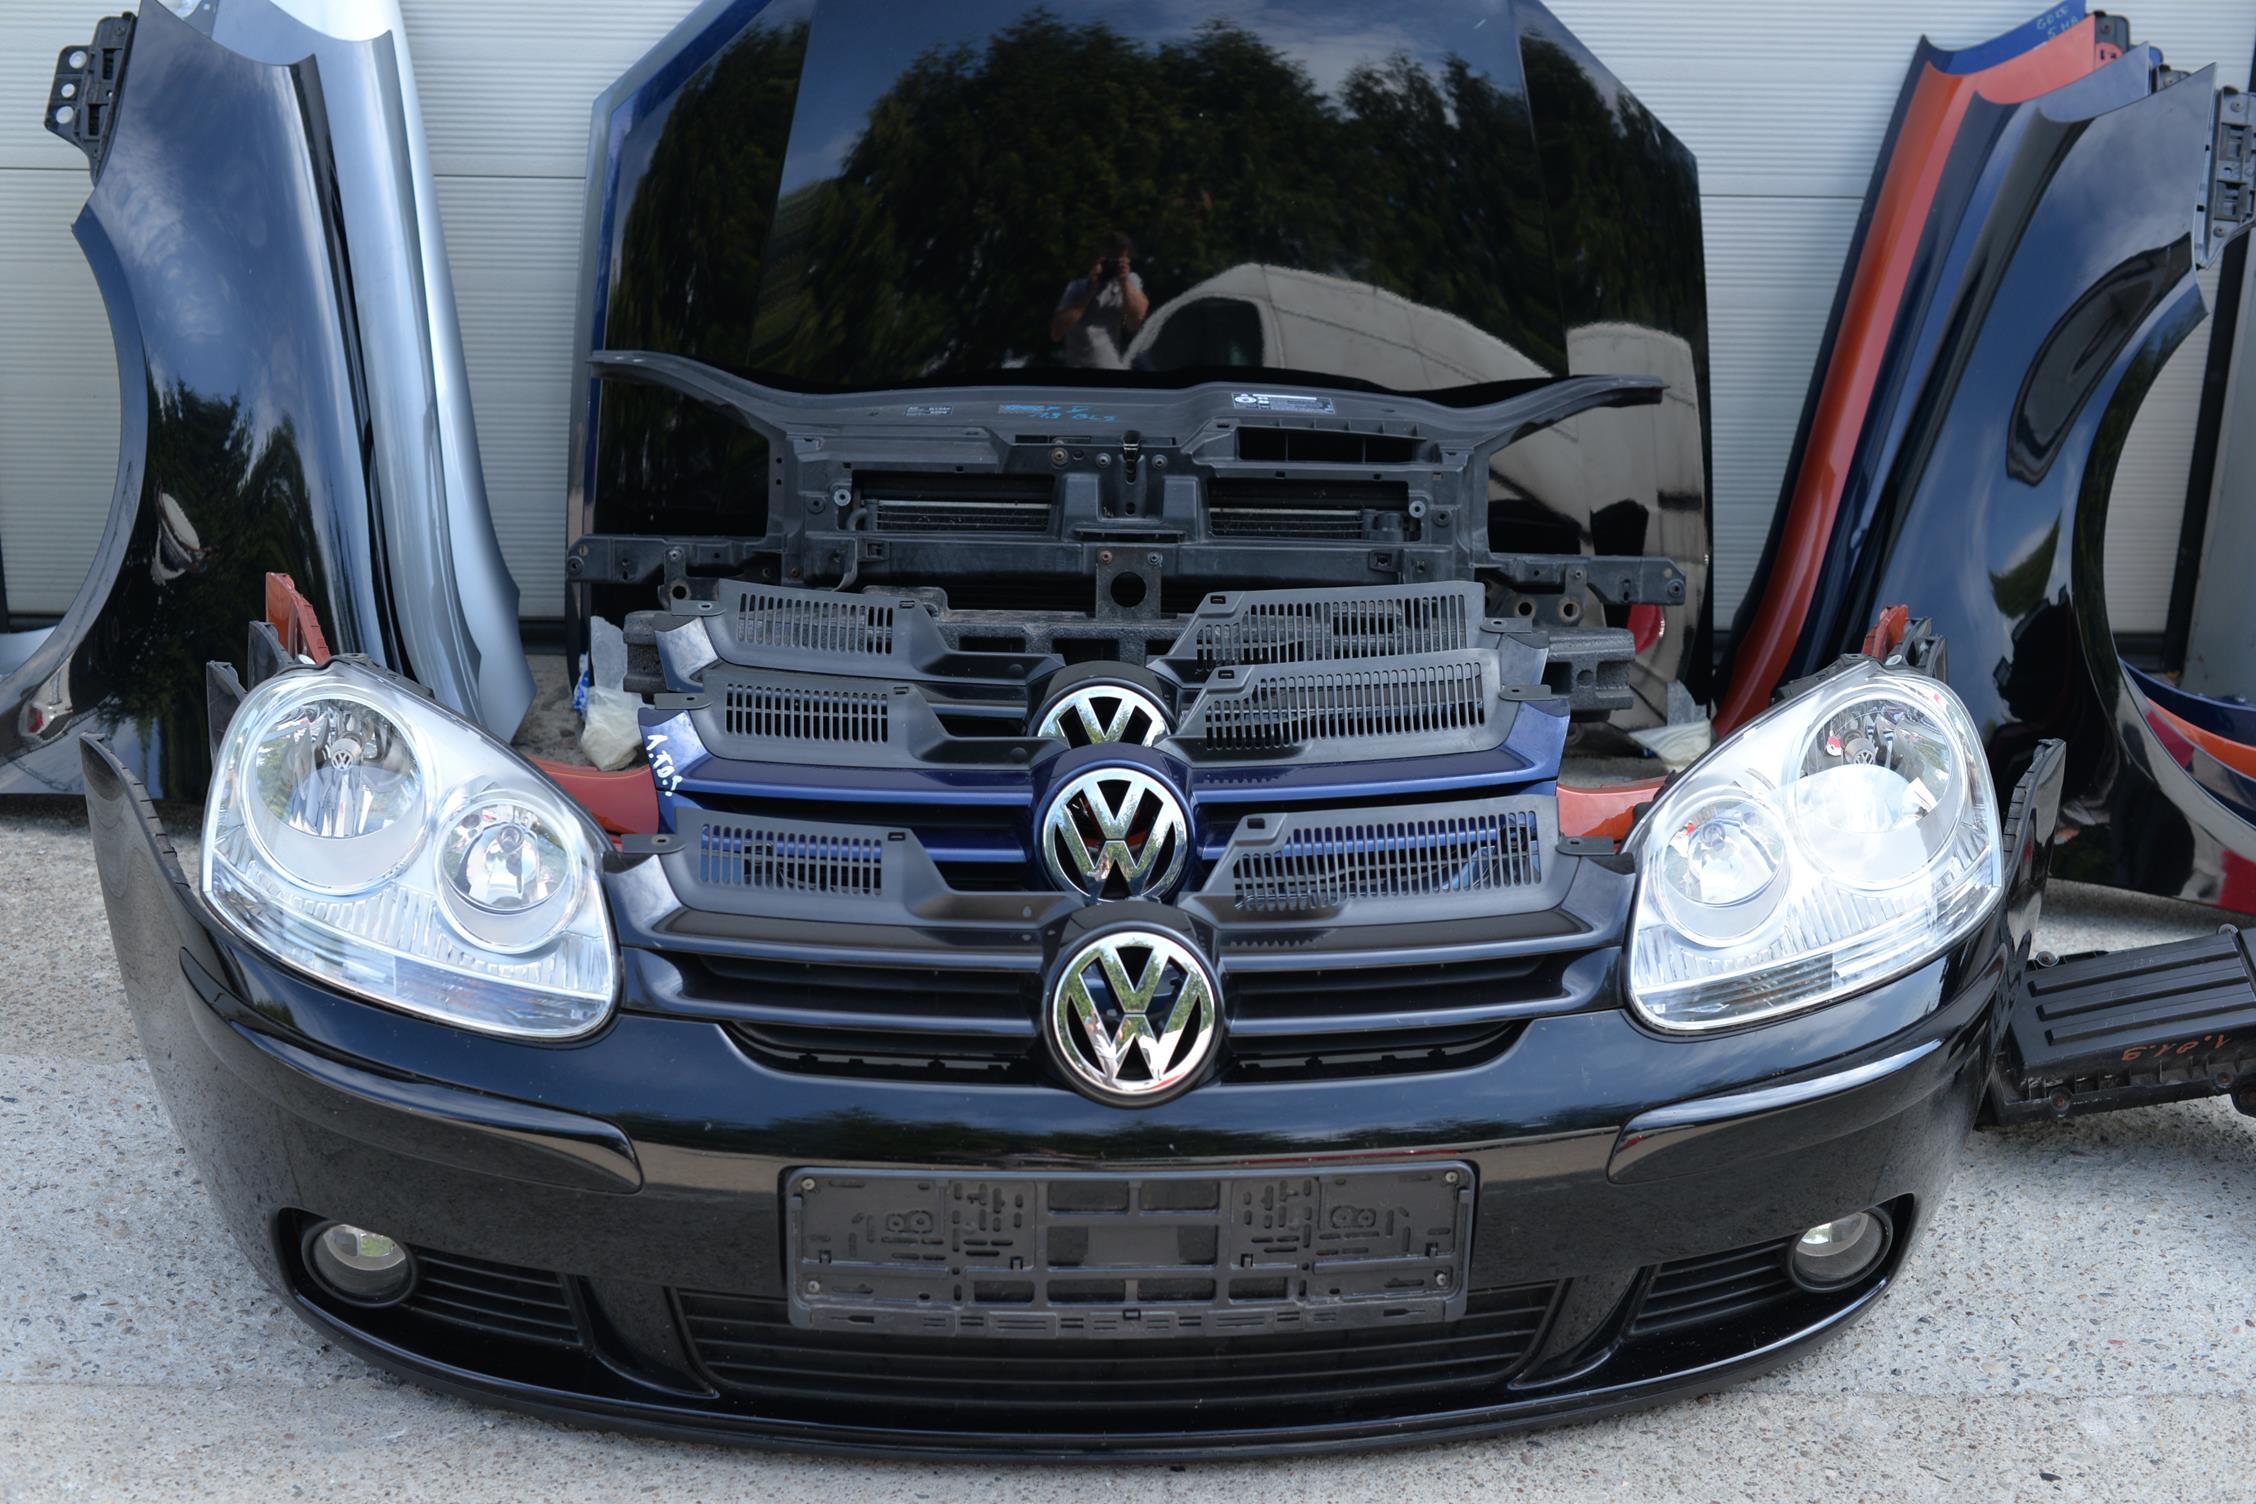 [КАПОТ ZDERZAK КРЫЛО PAS REFLEKTOR VW GOLF V 5 из Польши]изображение 1